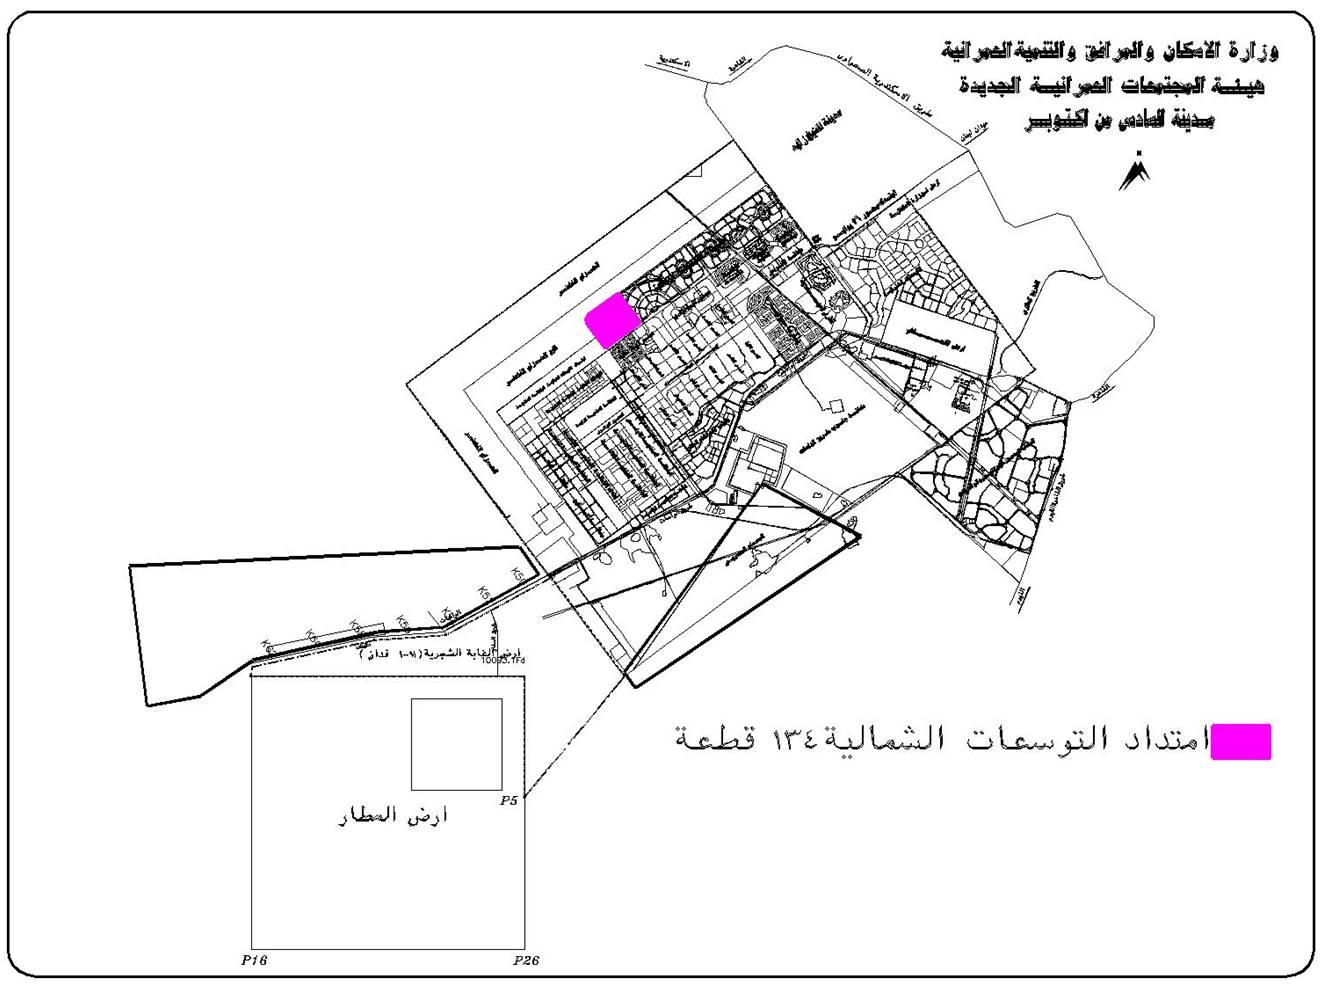 أراضى سكنية كاملة المرافق عمارات فيلات للبيع بالقرعة العلنية  بمساحات